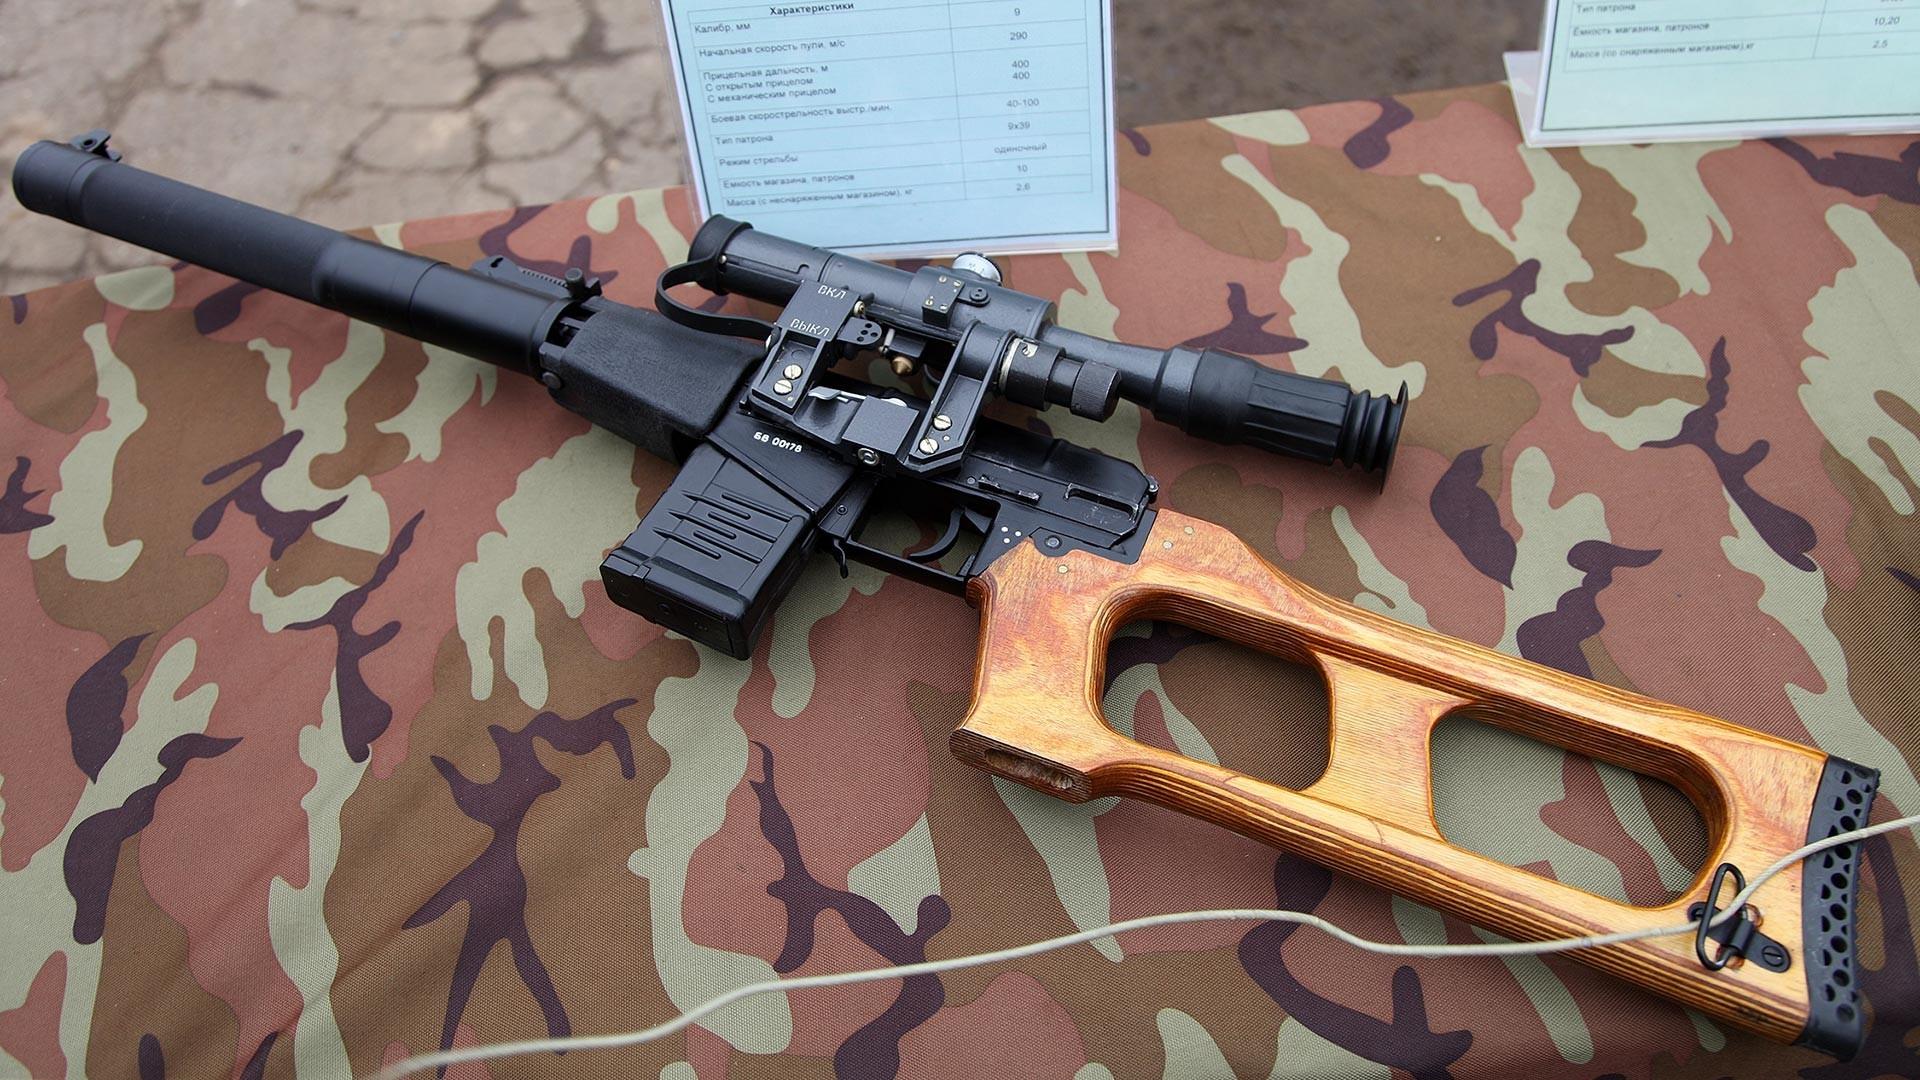 Snajperska puška specijalne namjene VSS